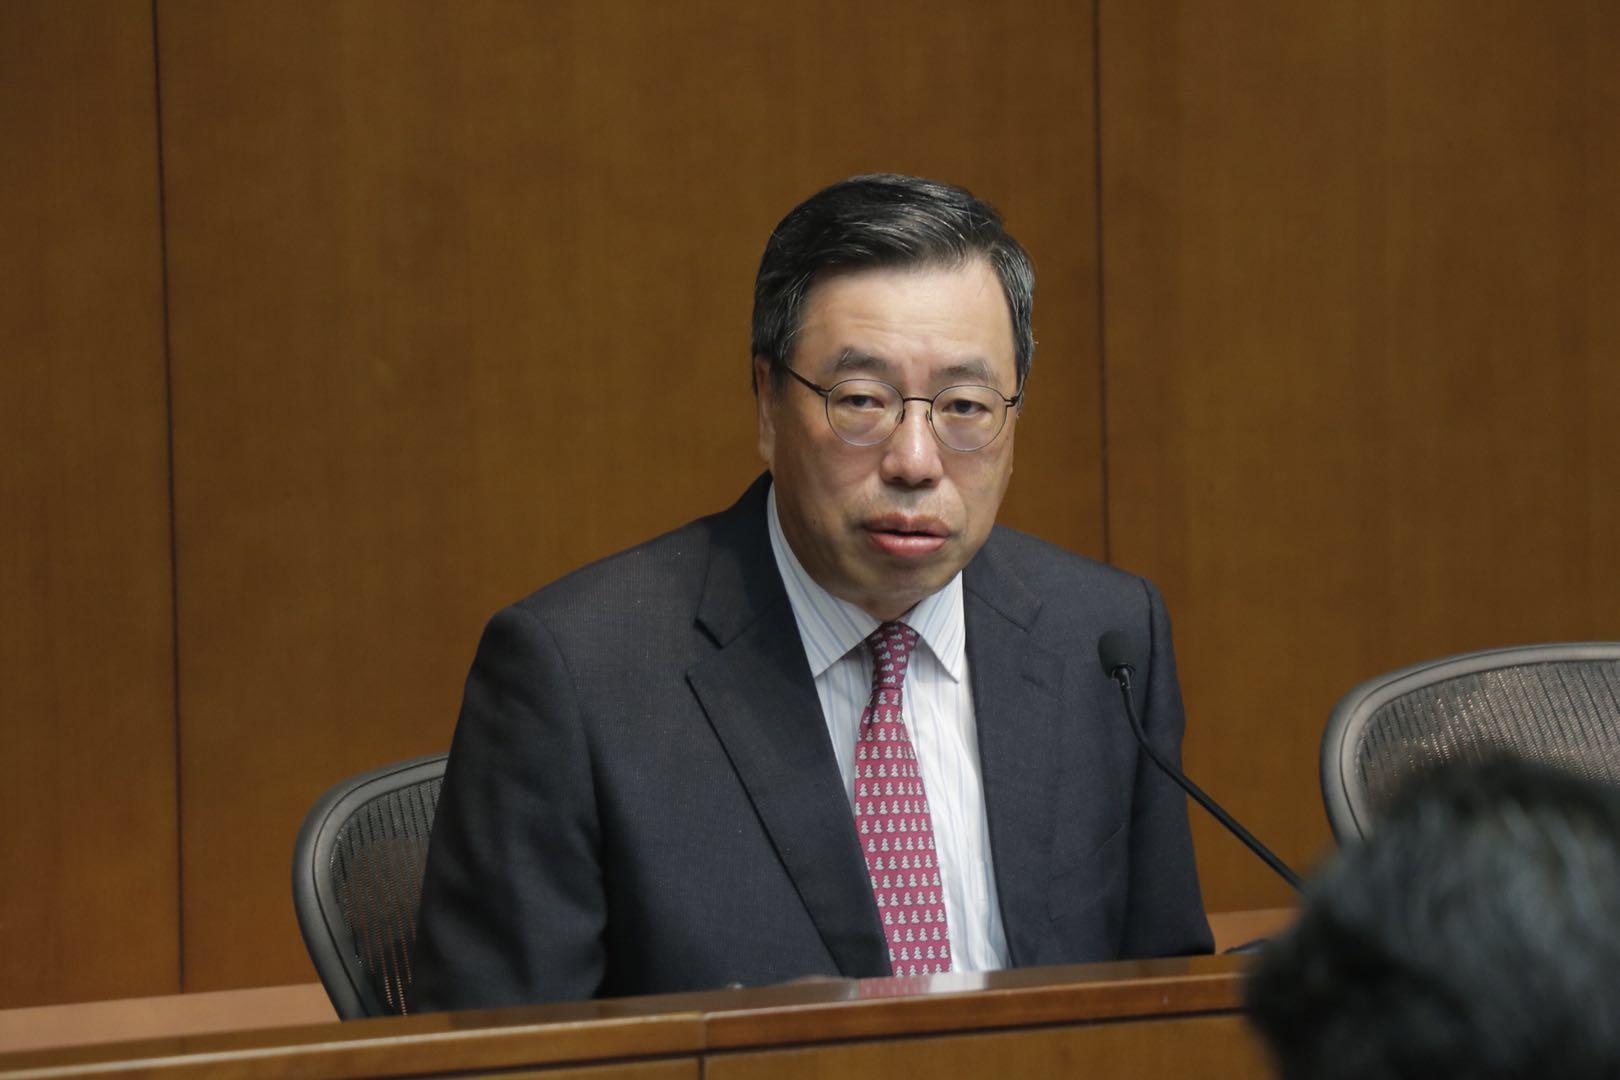 立法會主席年結 梁君彥:依基本法和議事規則裁決